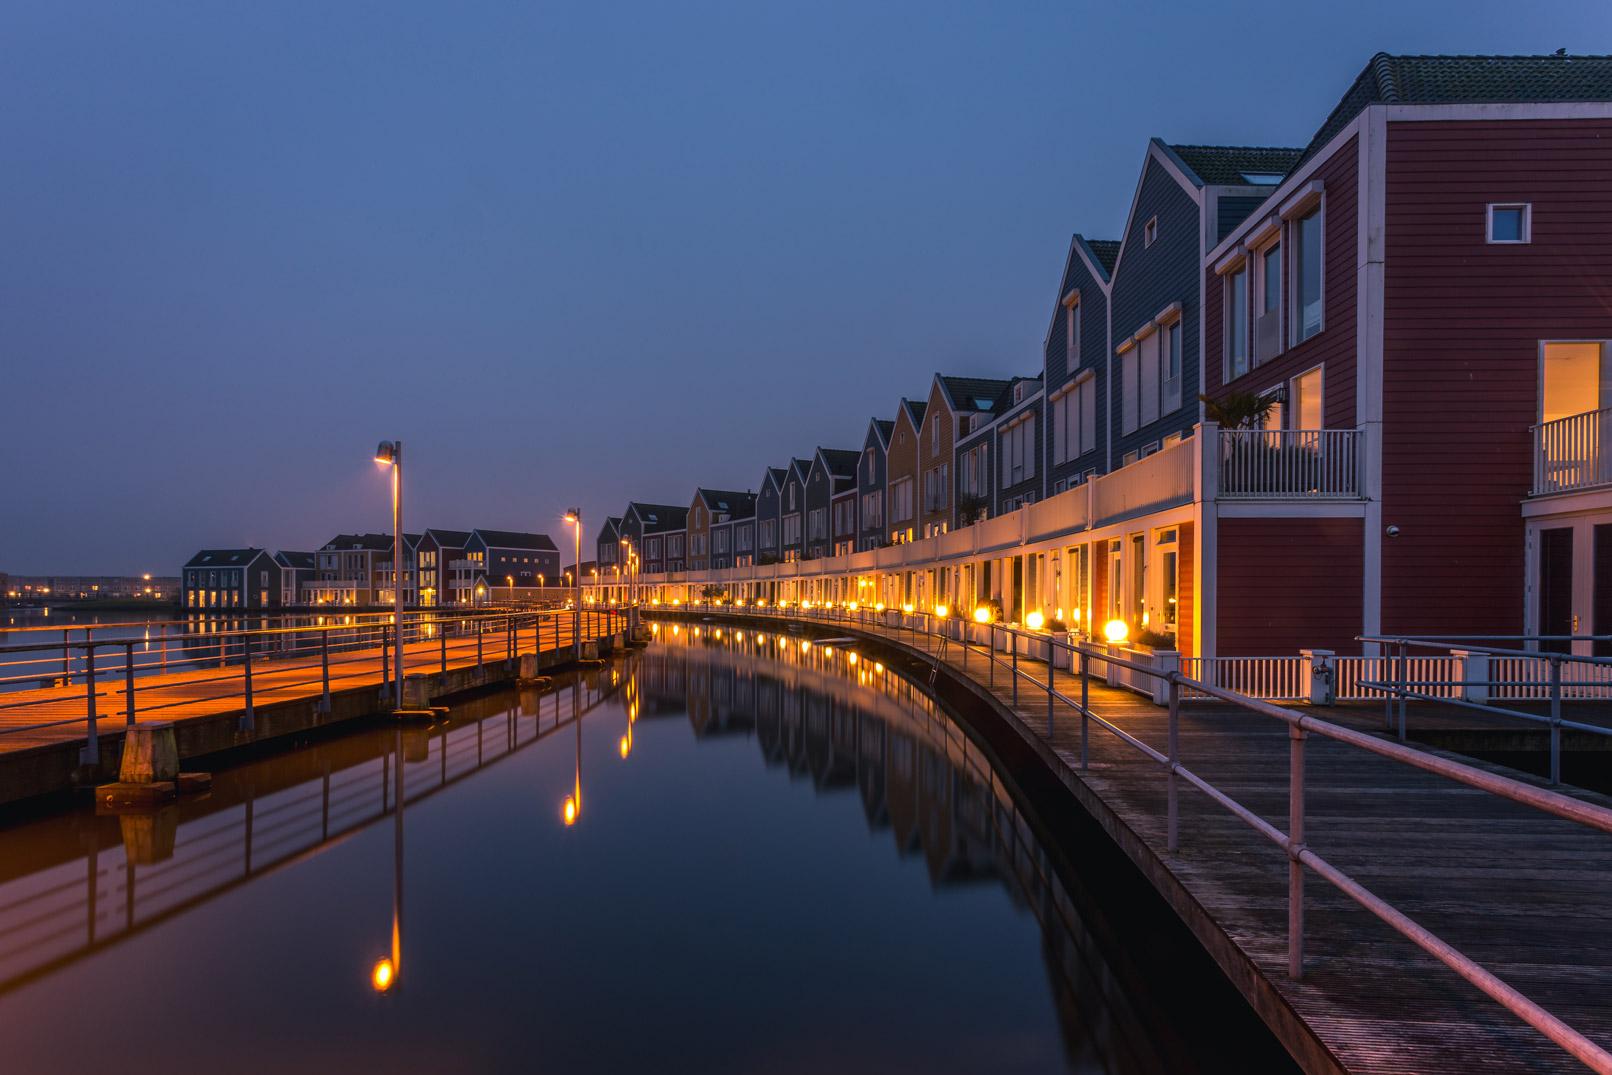 Szene mit Häusern in Abendstimmung, aufgenommen mit Langzeitbelichtung